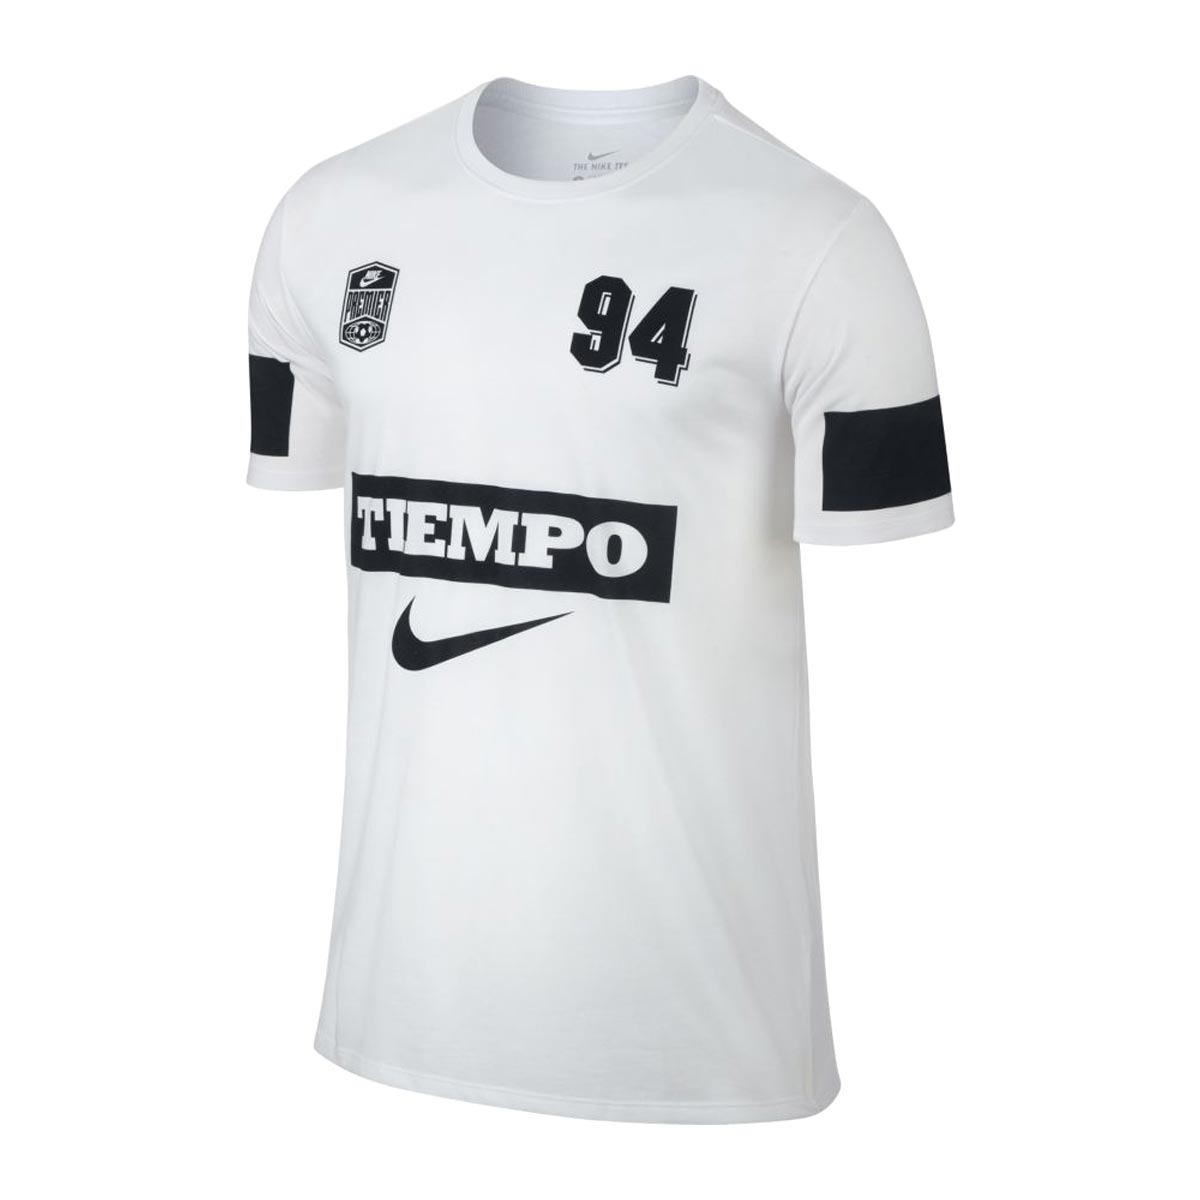 NIKE AS M NK TEE TIEMPO 94(耐克TIEMPO 94 S/S T恤)WHITE 17FA-I